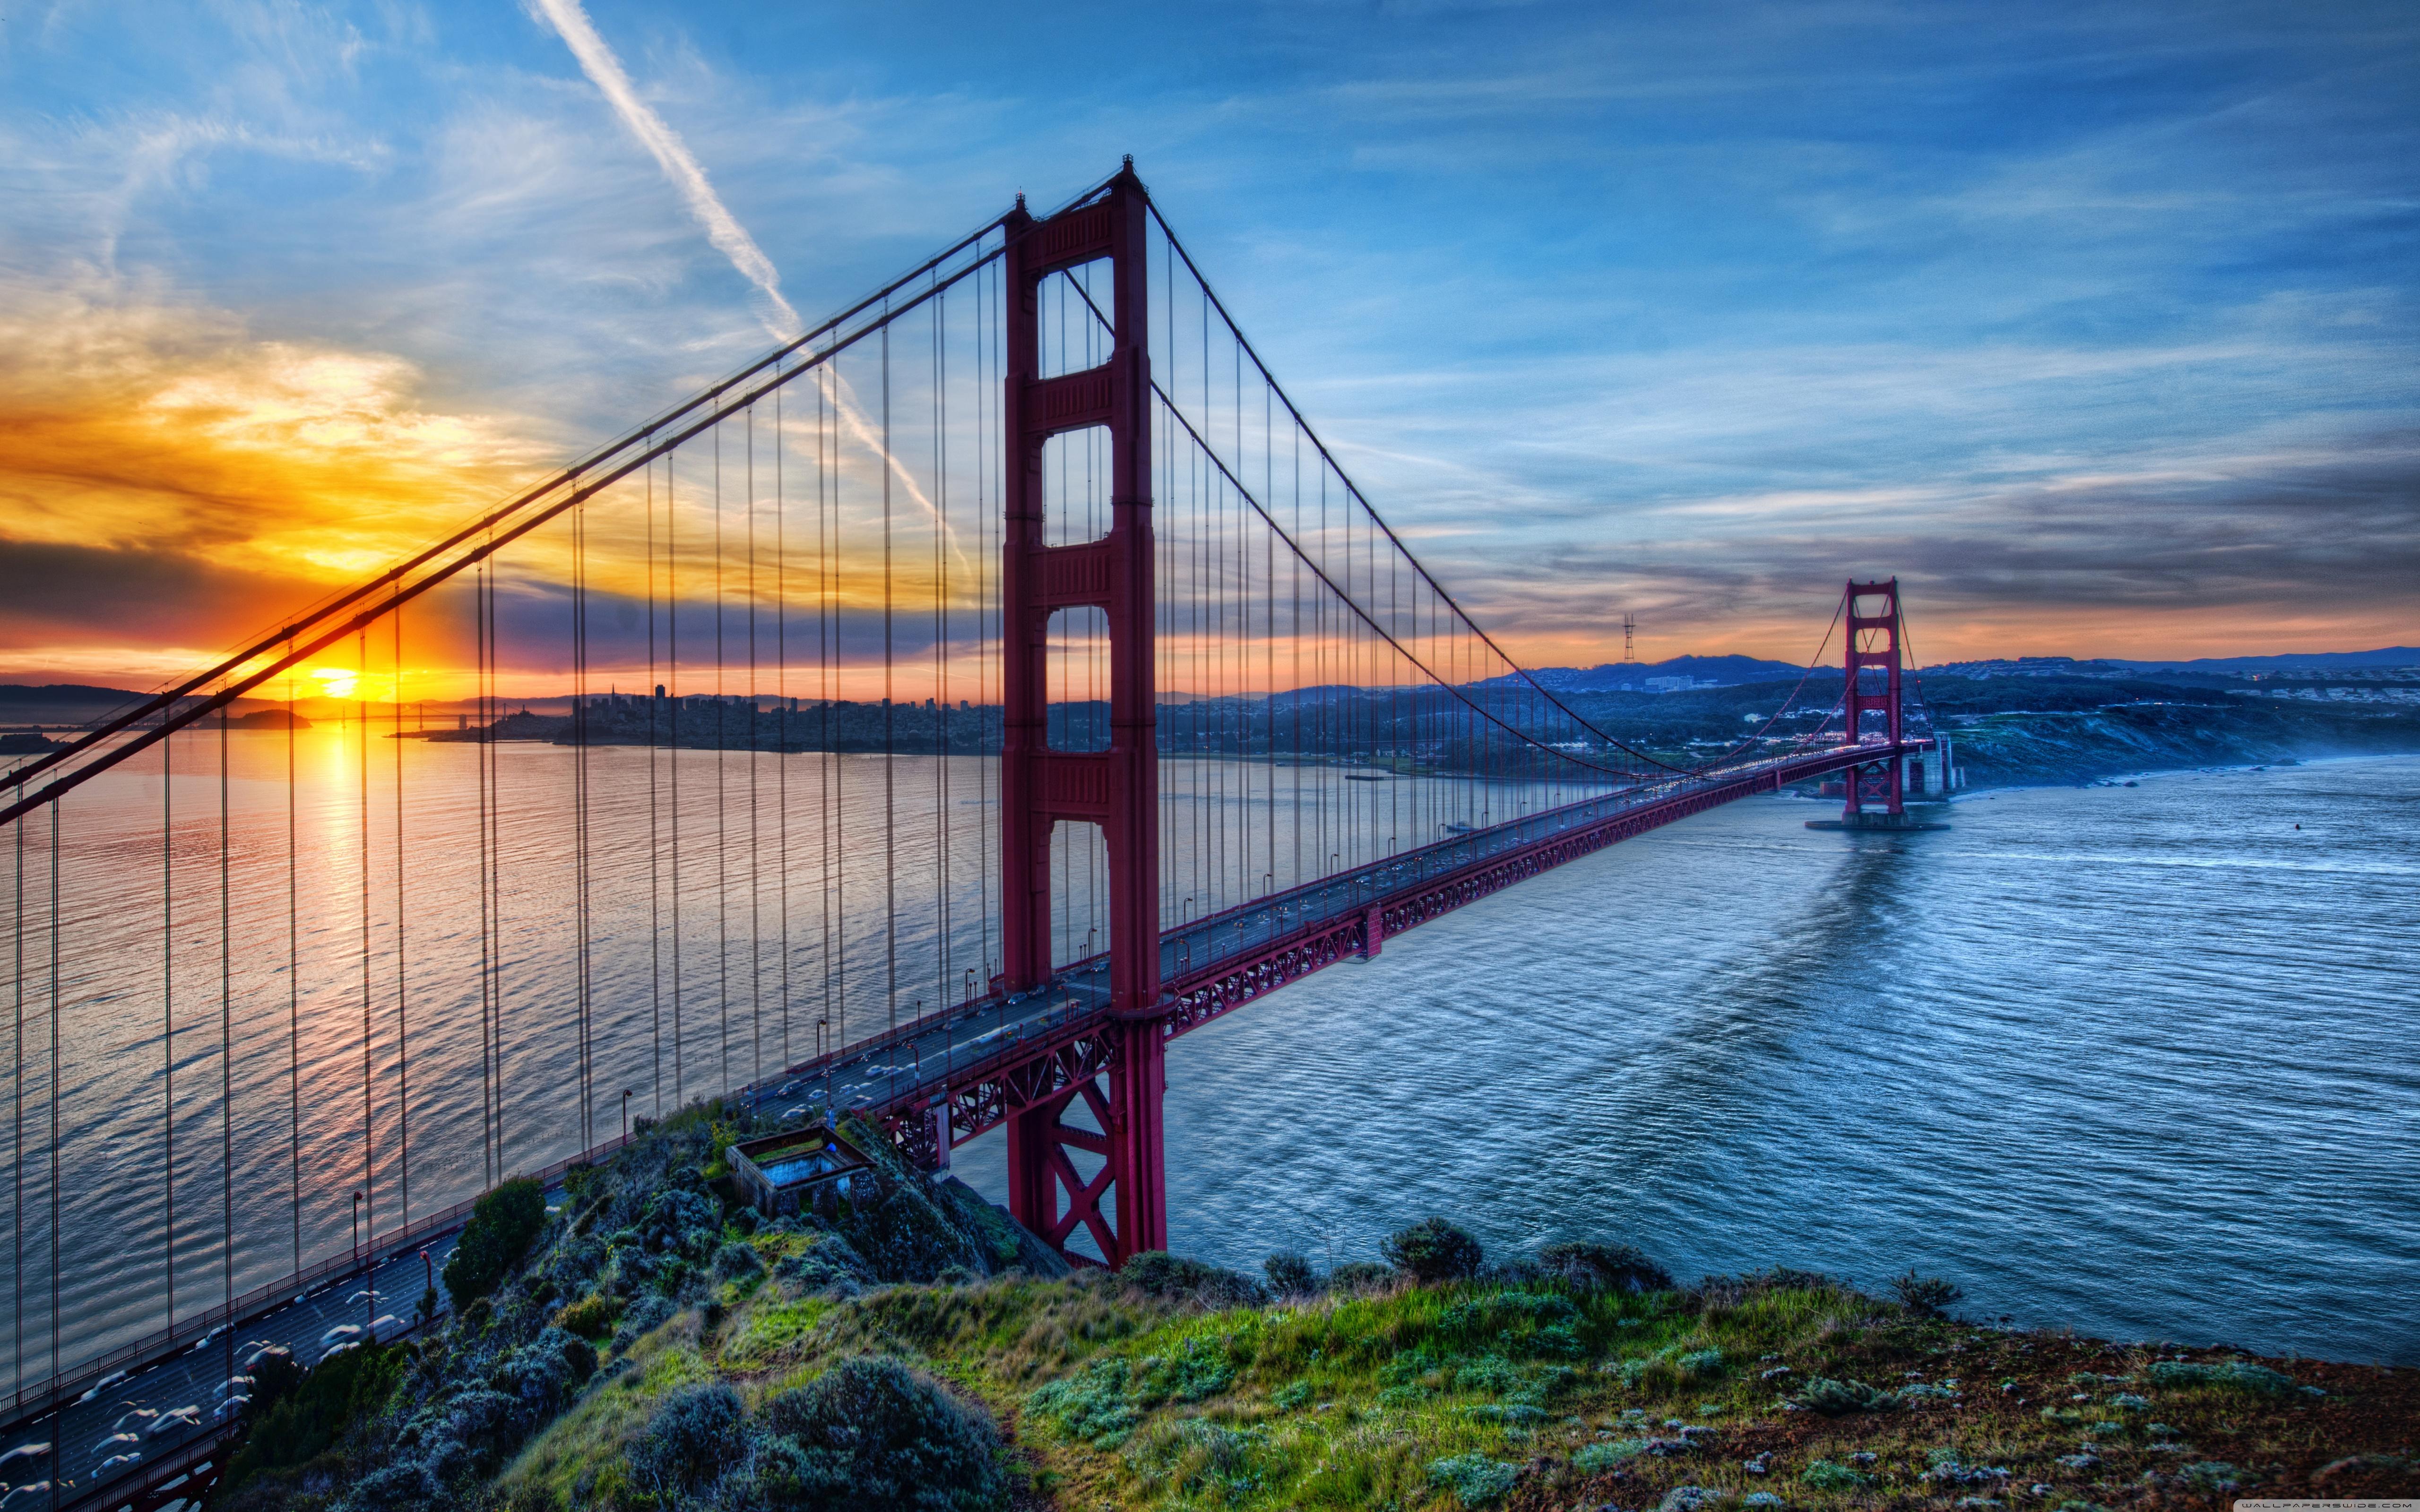 San Francisco 7238 1920x1200 px